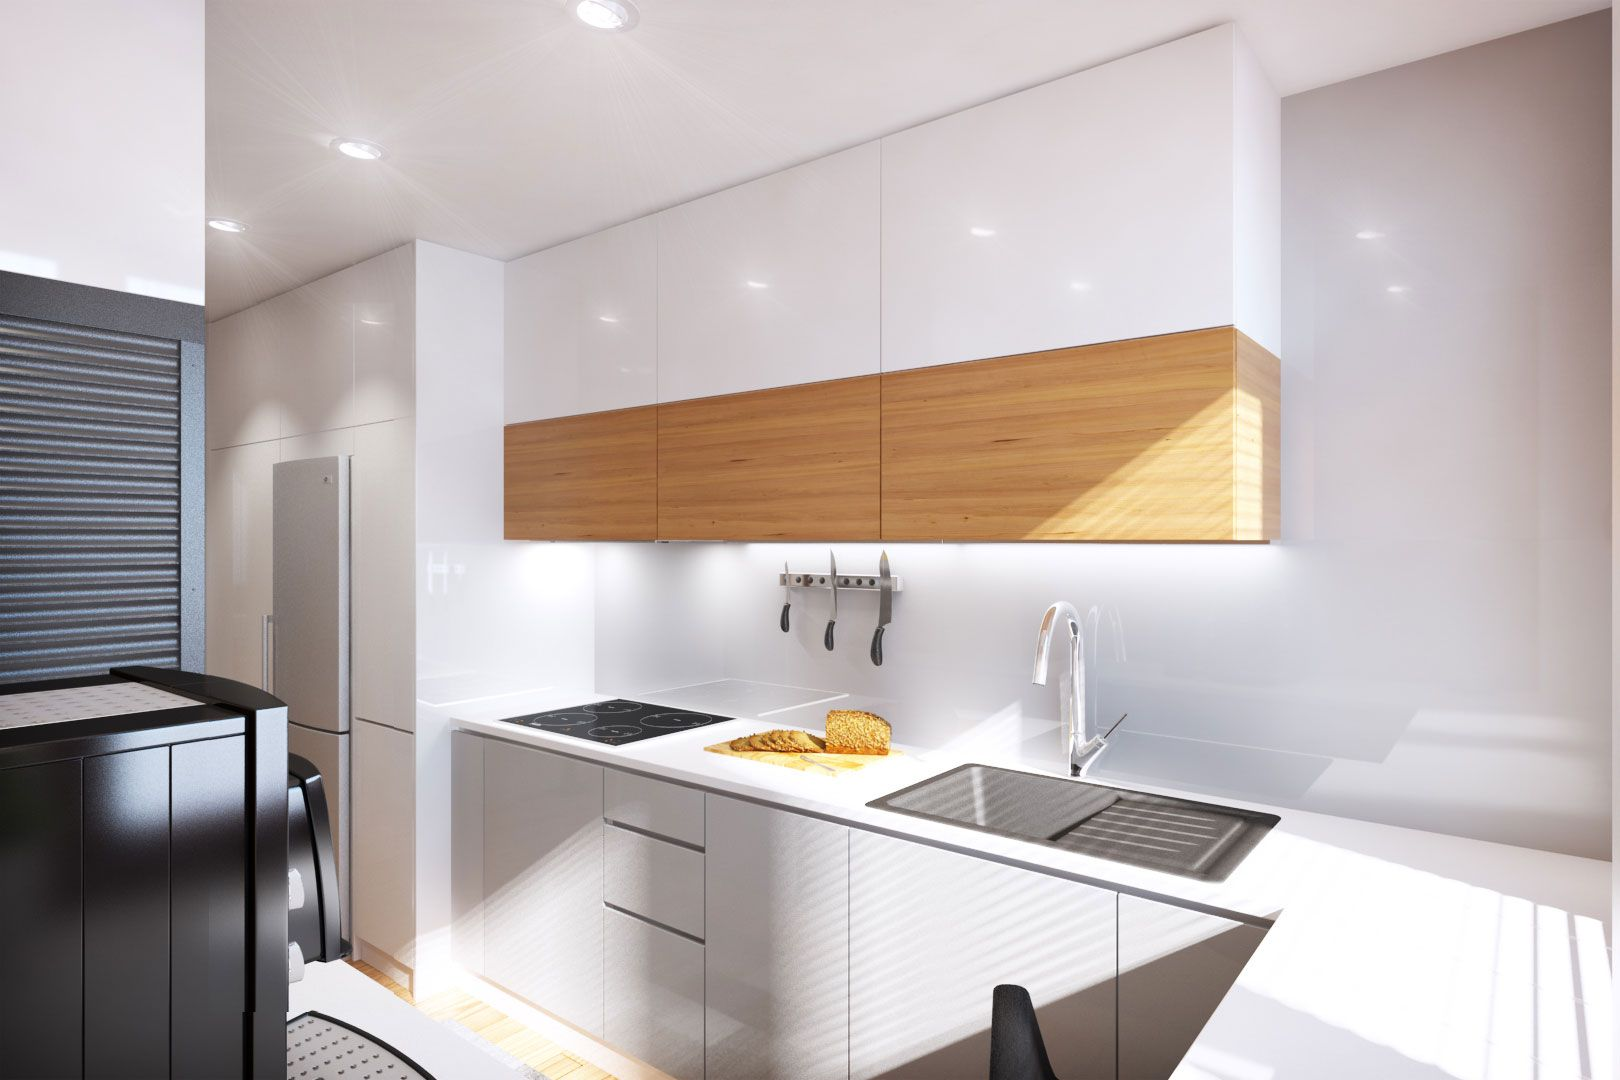 Ideas de color de la cocina con muebles blancos - Muebles De Cocina Blancos Con Madera Muebles Blancos De Cocina Combinado Con Madera Color Natural